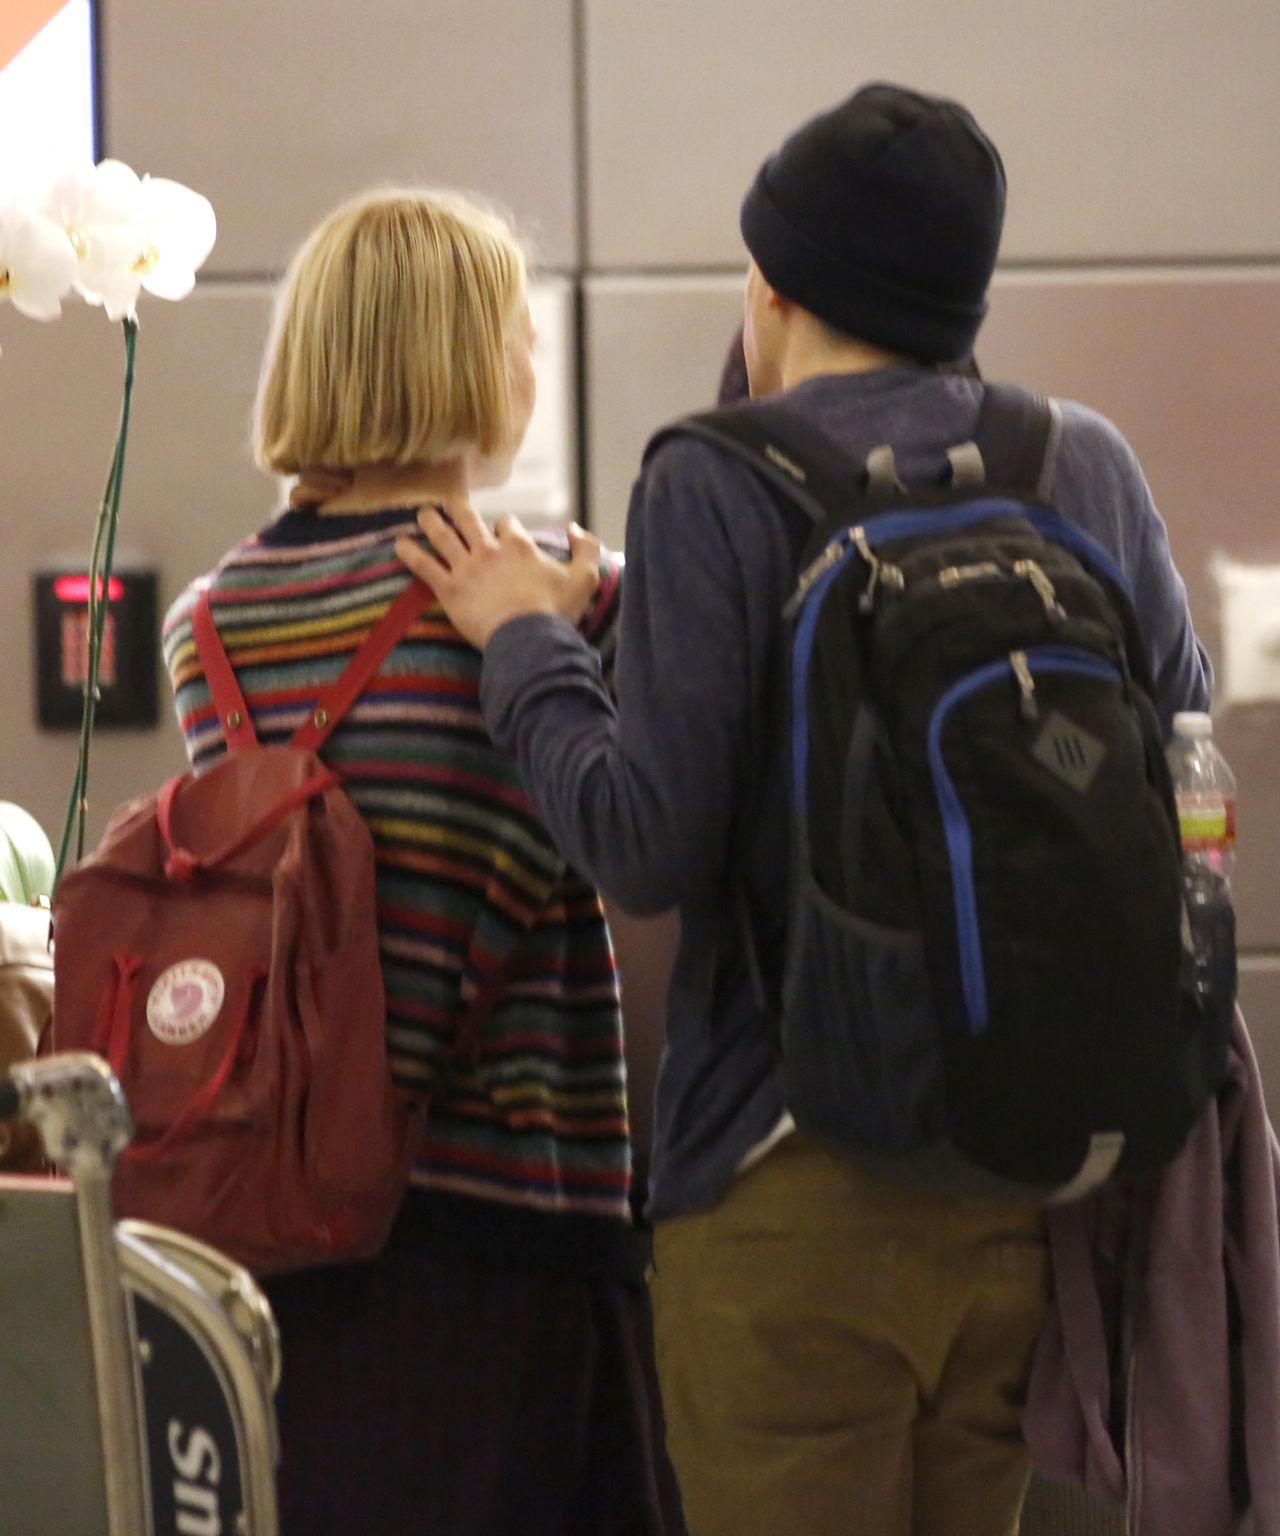 9781b78b39 Mia Wasikowska   Jesse Eisenberg - Share a Kiss at LAX Airport - Nov. 2014